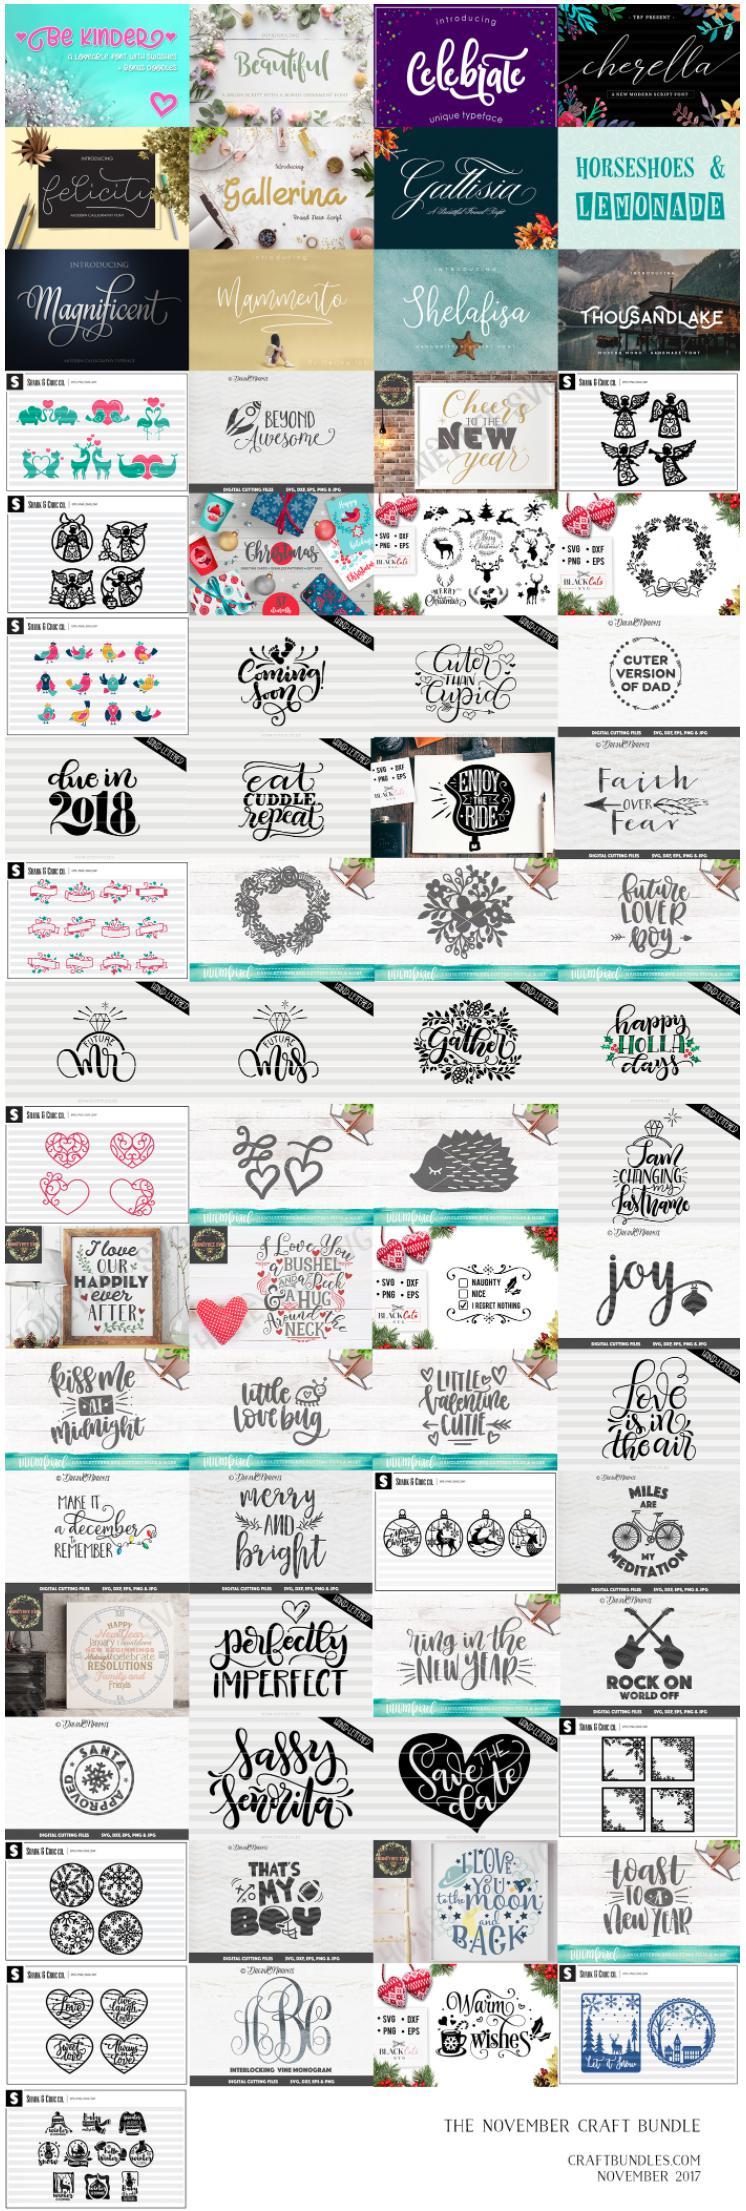 The November Craft Bundles By CraftBundles.com